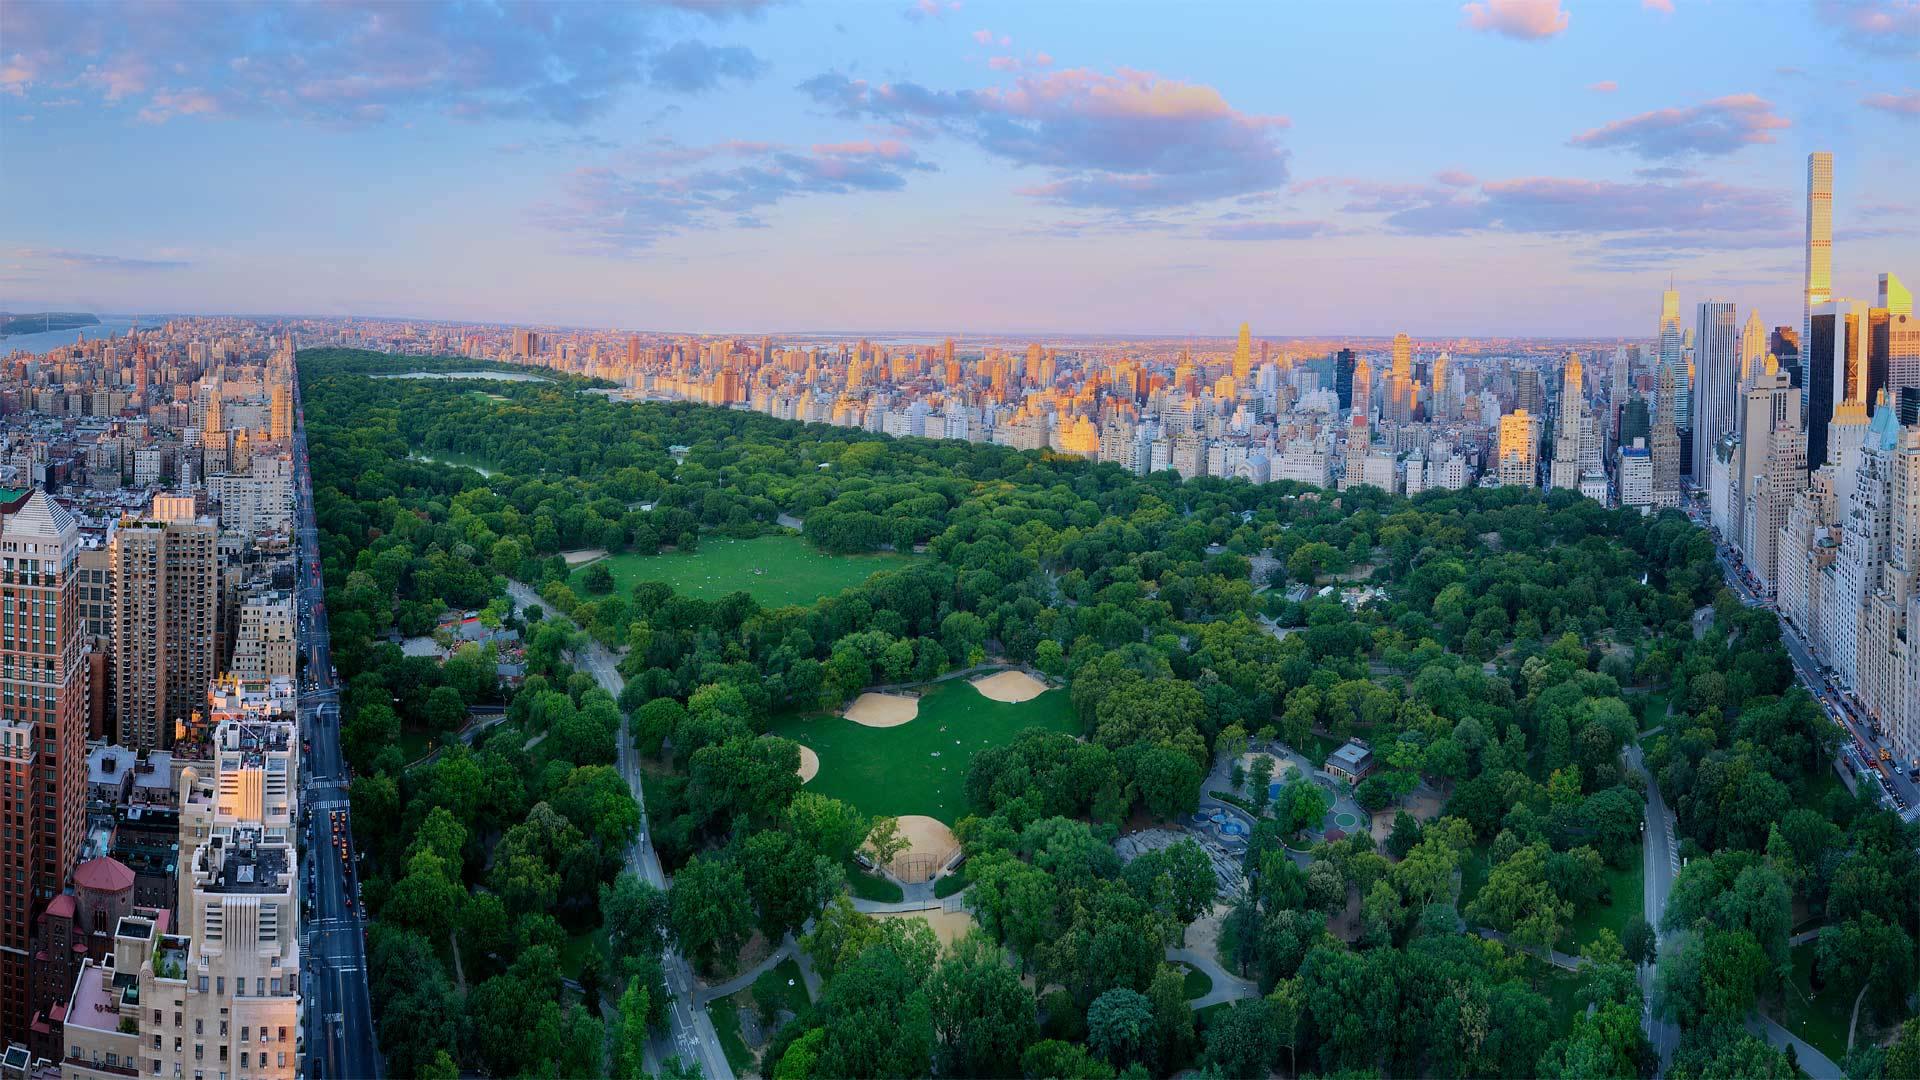 「セントラル・パーク」米国ニューヨーク州, ニューヨーク市  (© Tony Shi Photography/Getty Images)